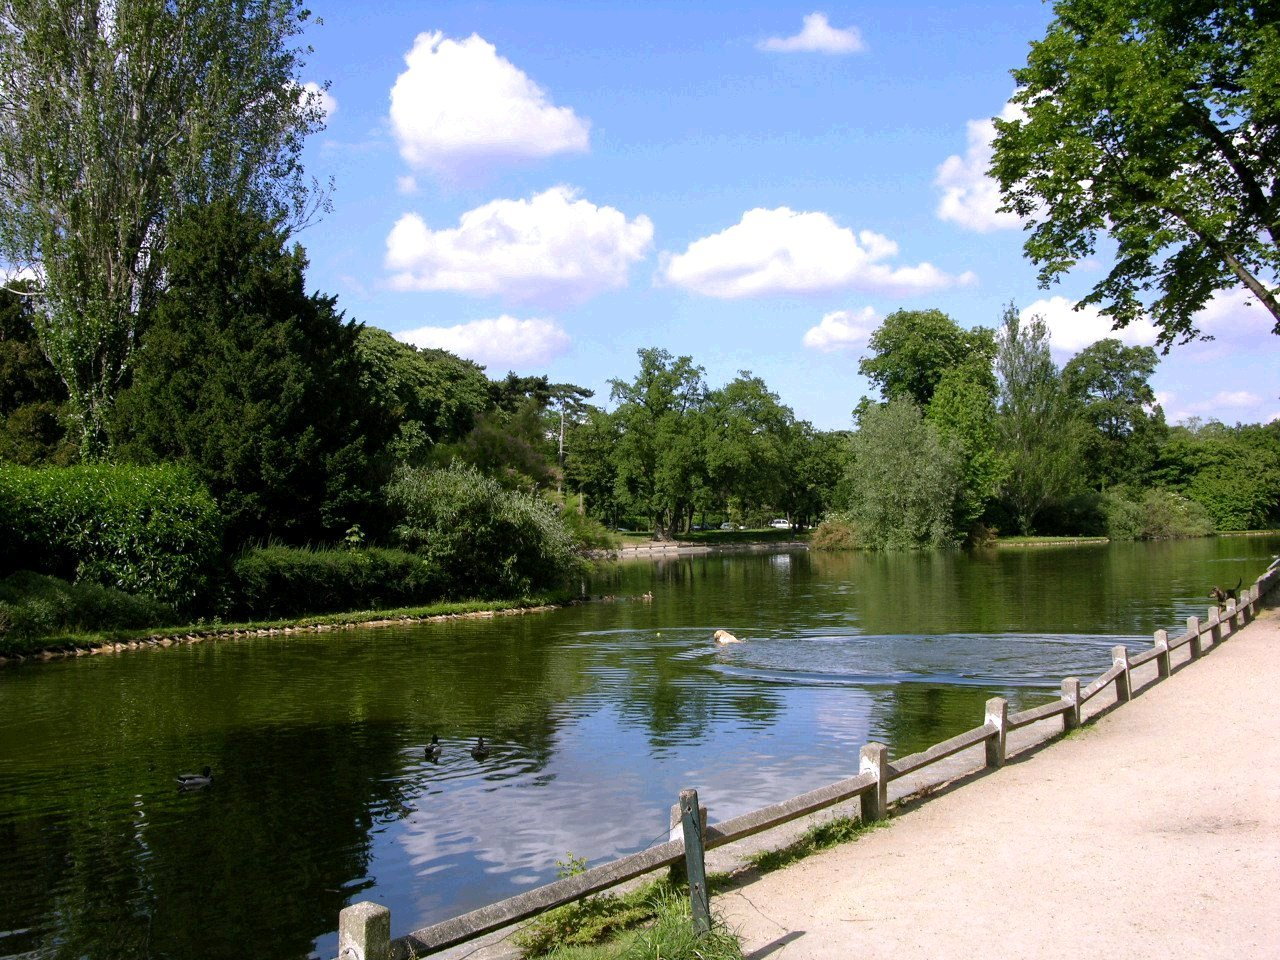 La Clairiere Bois De Boulogne - photos bois de boulogne 01